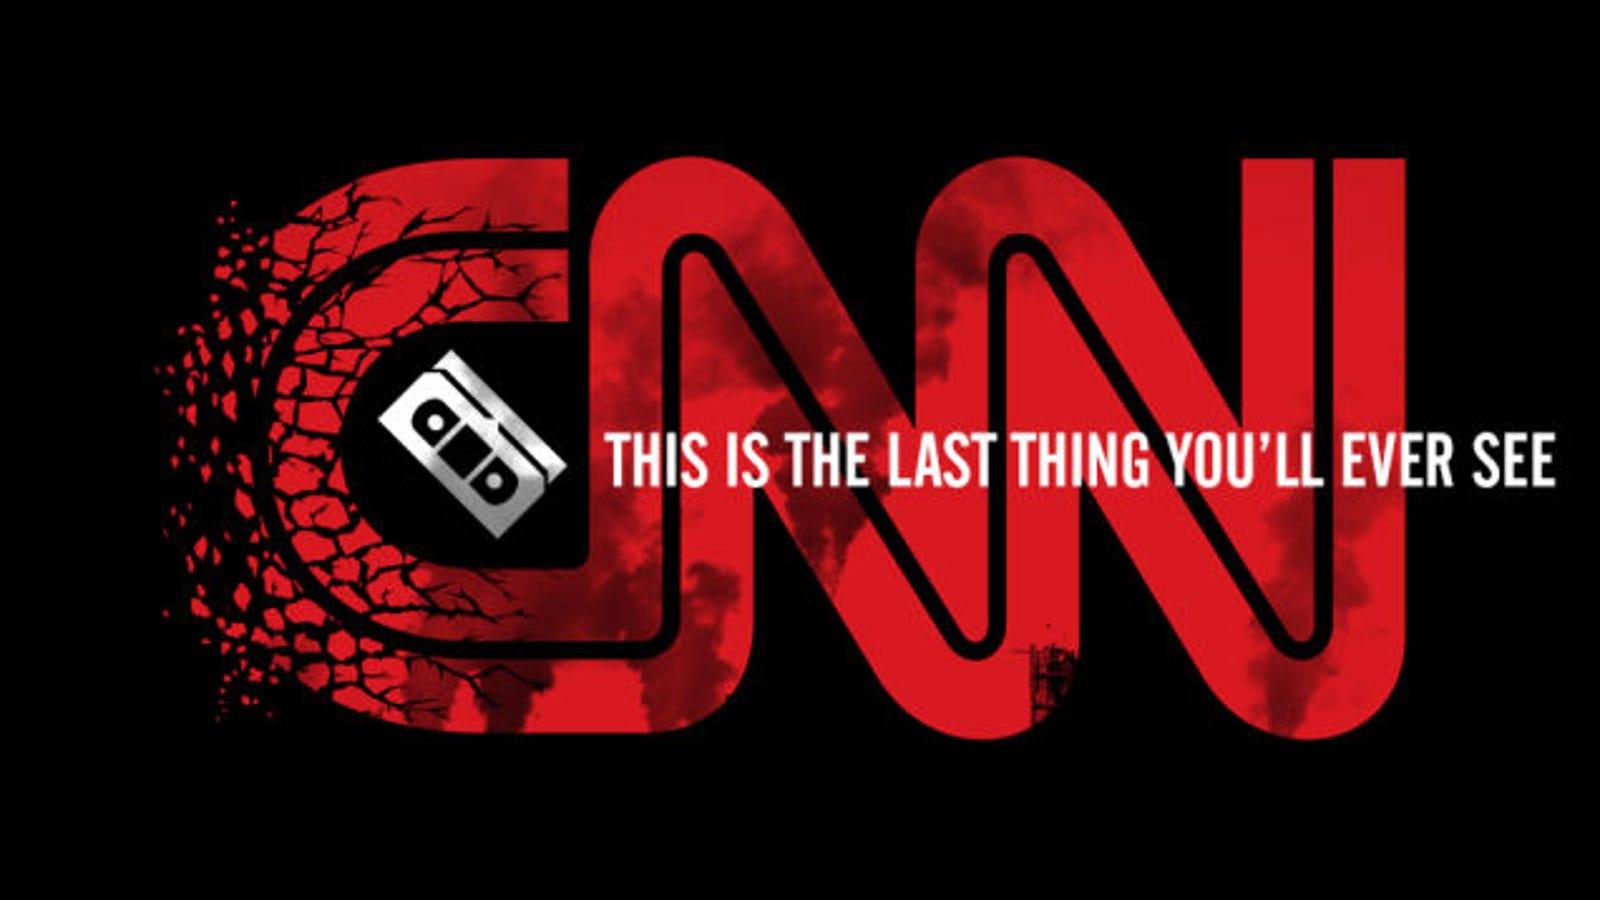 Este es el vídeo que la CNN emitirá cuando se acabe el mundo